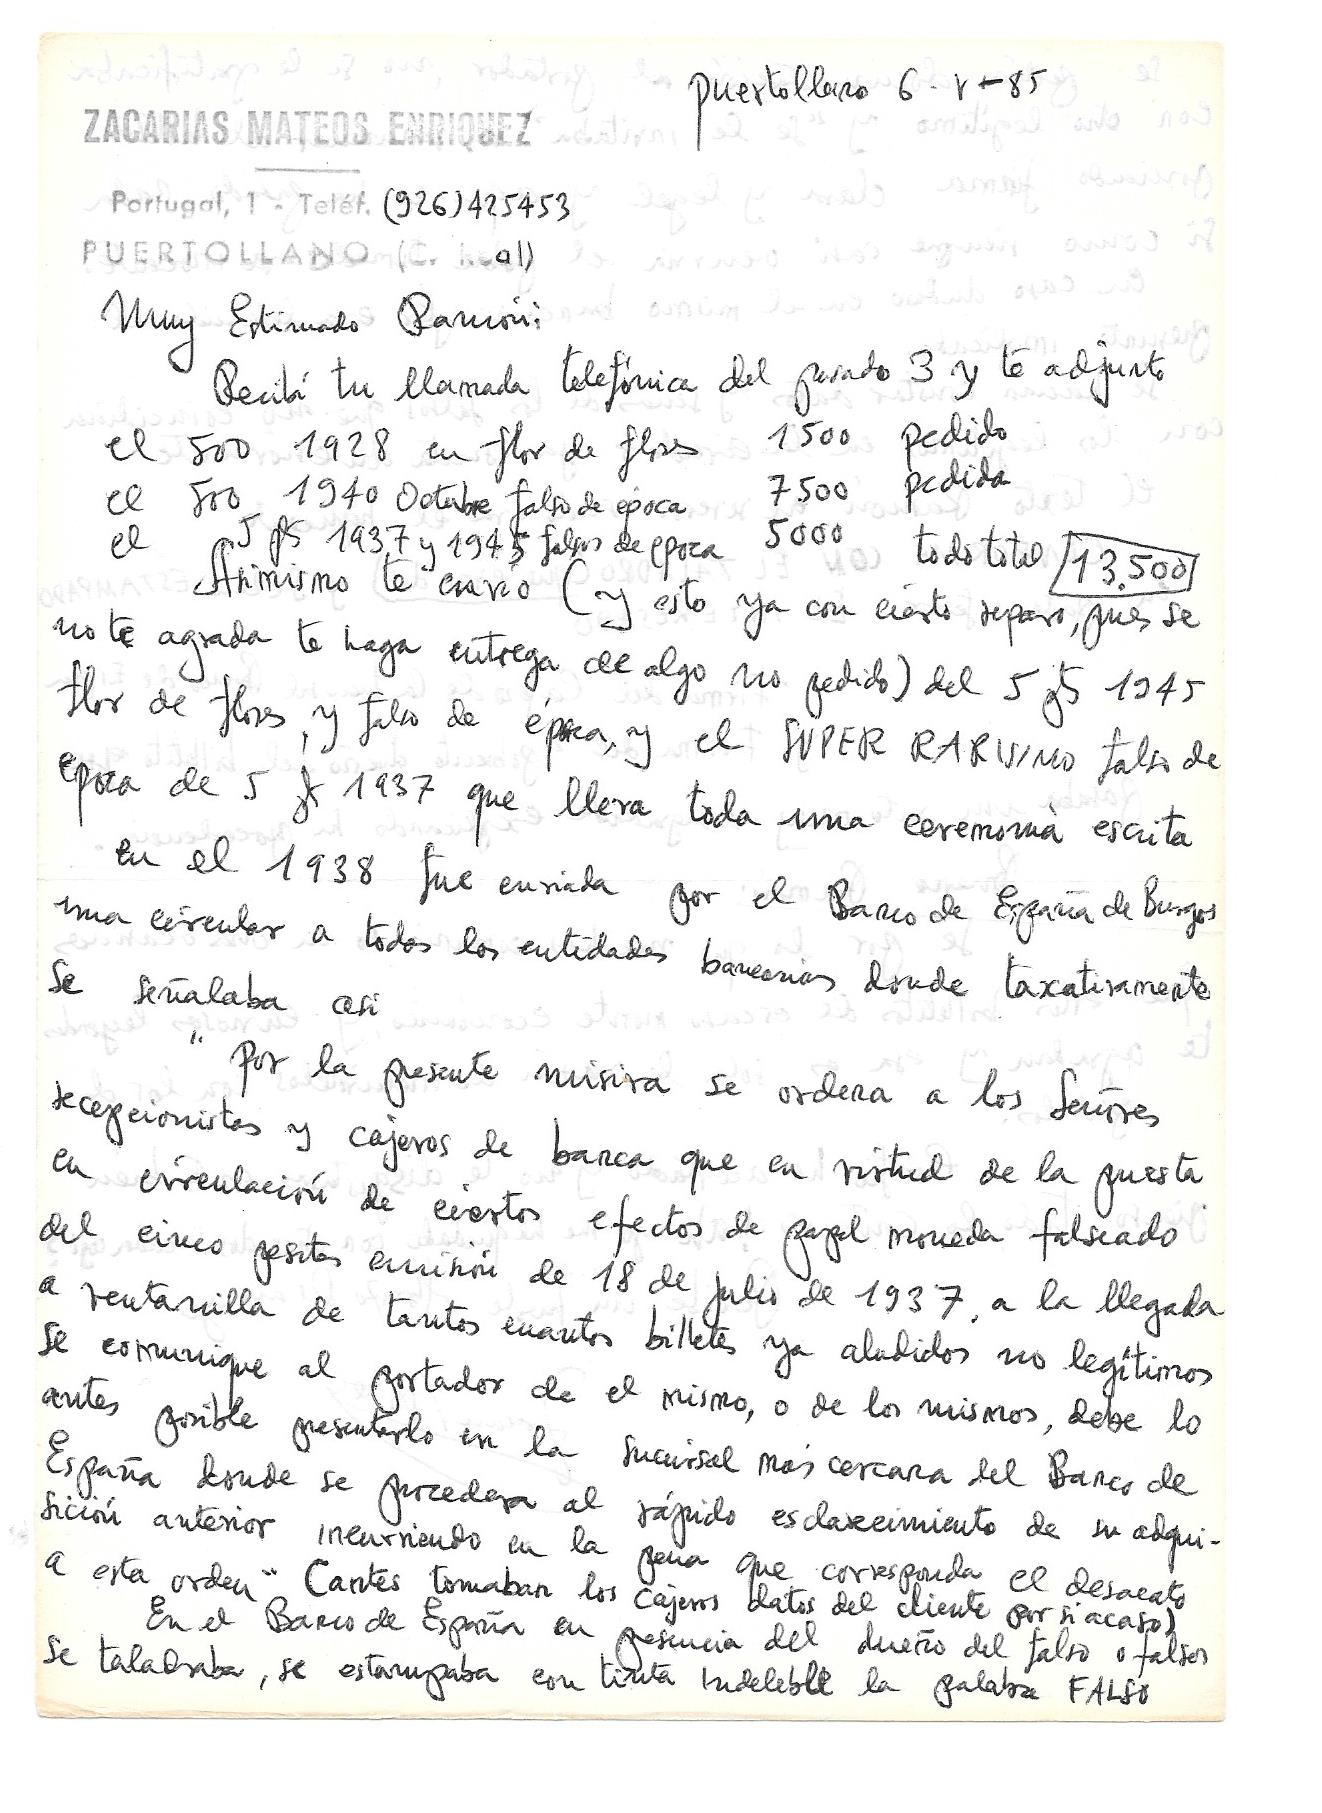 Zacarías Mateos Carta_10